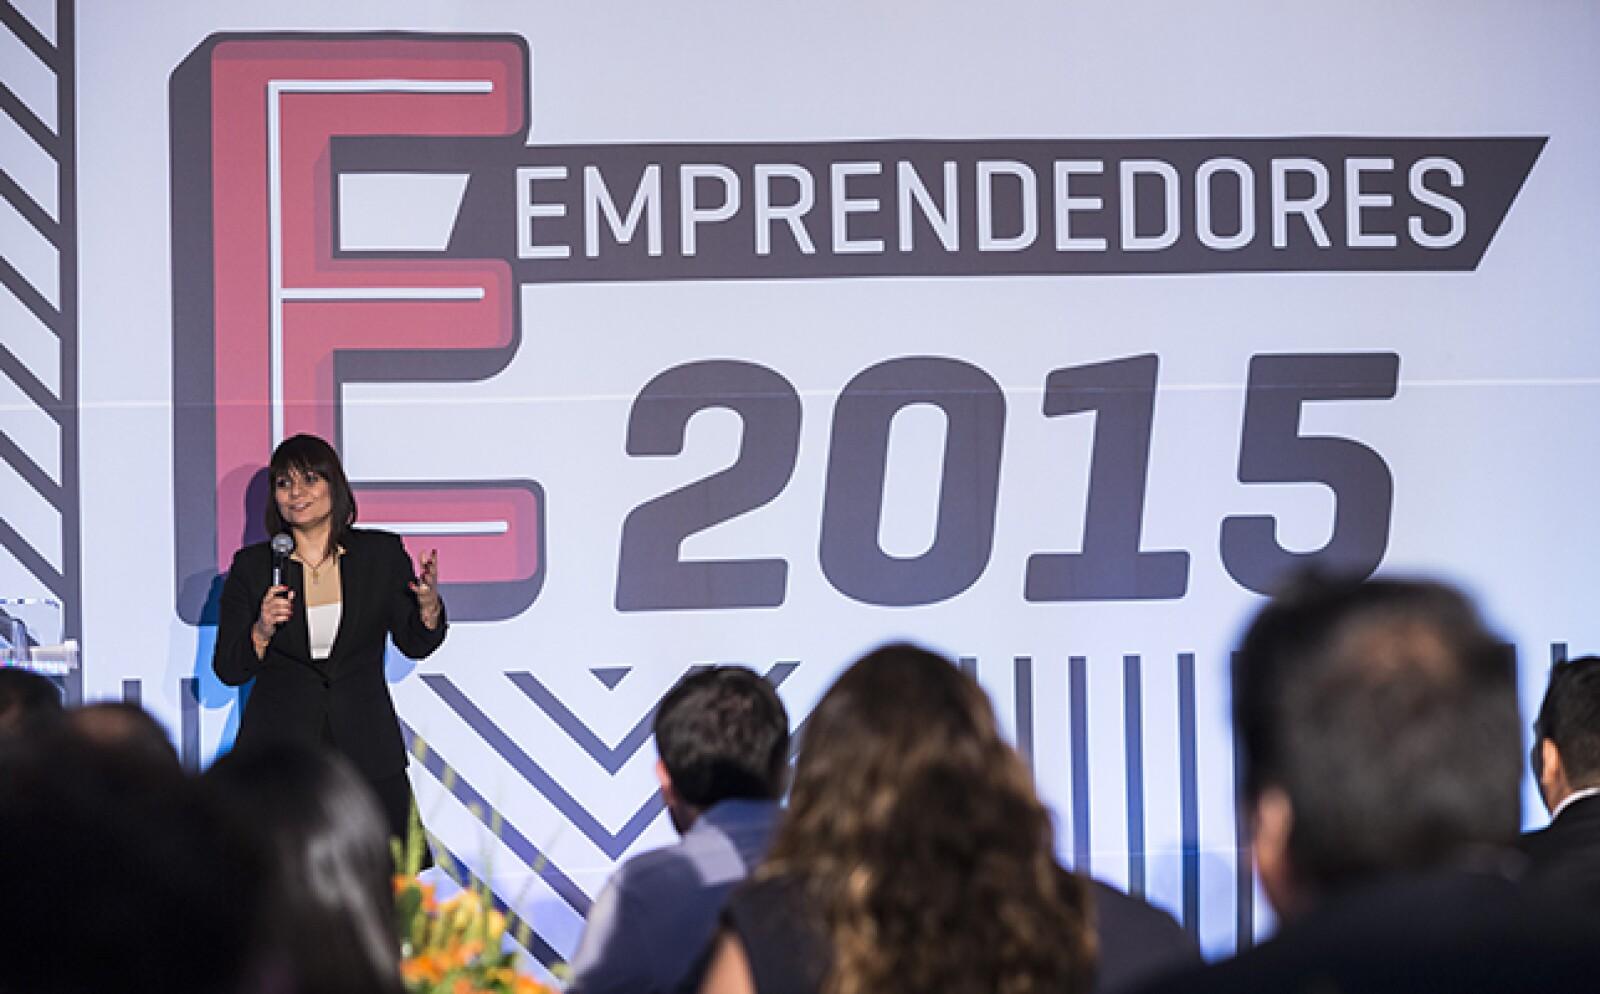 """La Directora general de Programas de Emprendedores y Financiamiento del INADEM, Adriana Tortajada, presente en el evento. """"Hace 10 años no había oportunidades como ésta. Disfruten el viaje, es una experiencia única"""", aconsejó a los emprendedores."""